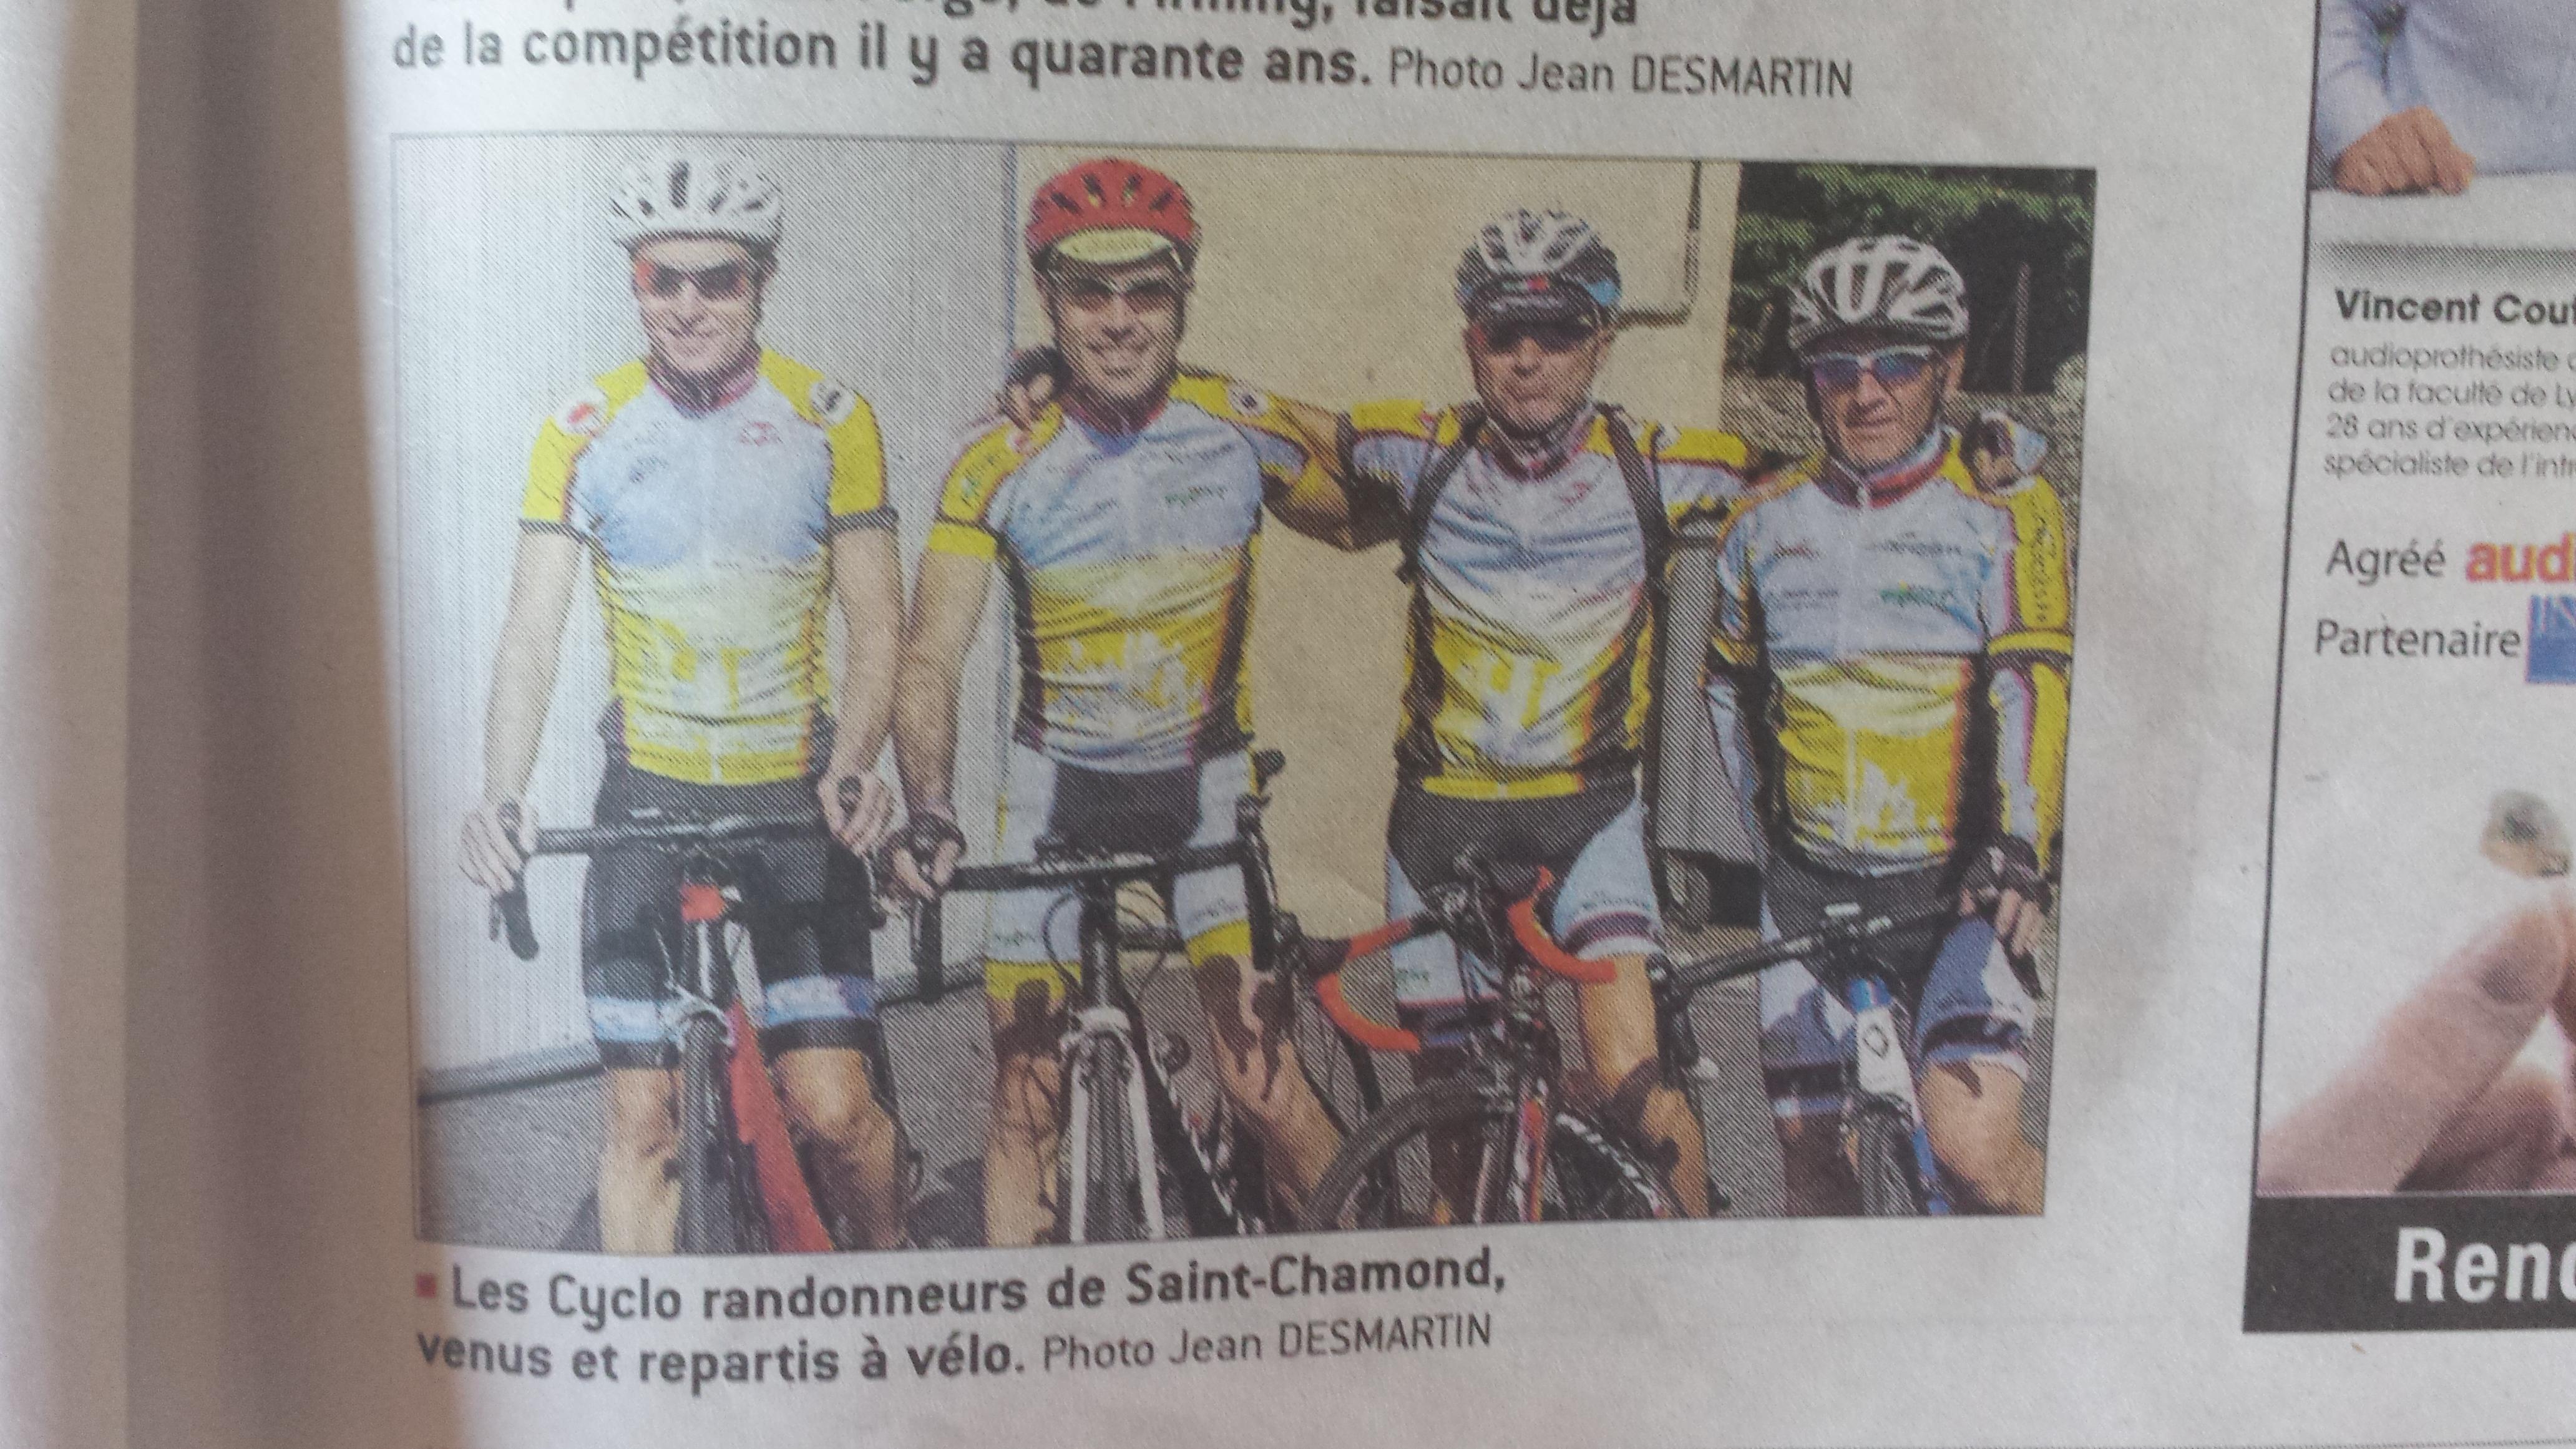 Montée chrono de Burdignes de Cyclo randonneurs saint chamonais